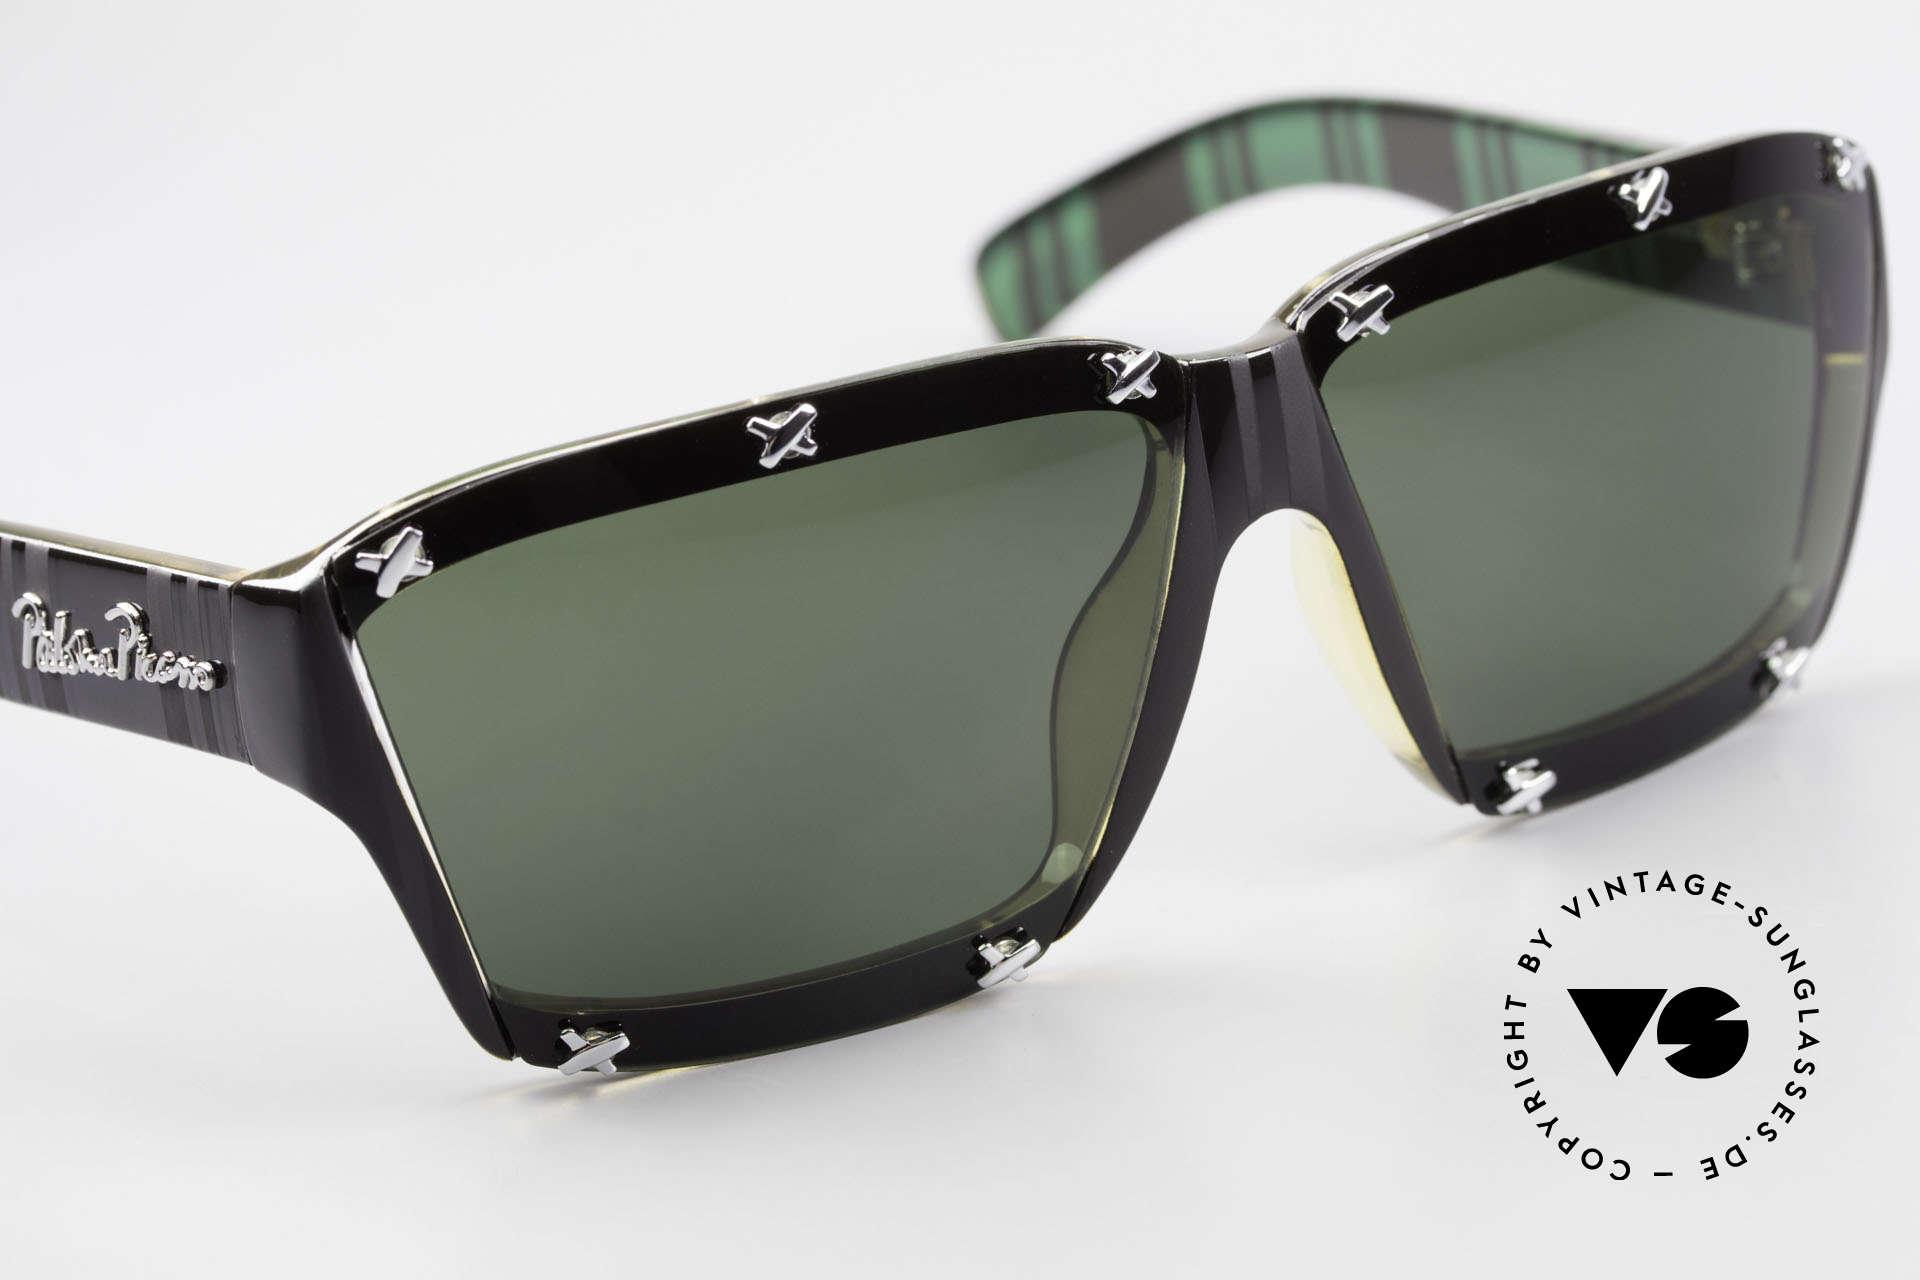 Paloma Picasso 3702 Vintage Sonnenbrille Von 1990, ungetragen; wie alle unsere 90er vintage 'Schätze', Passend für Damen